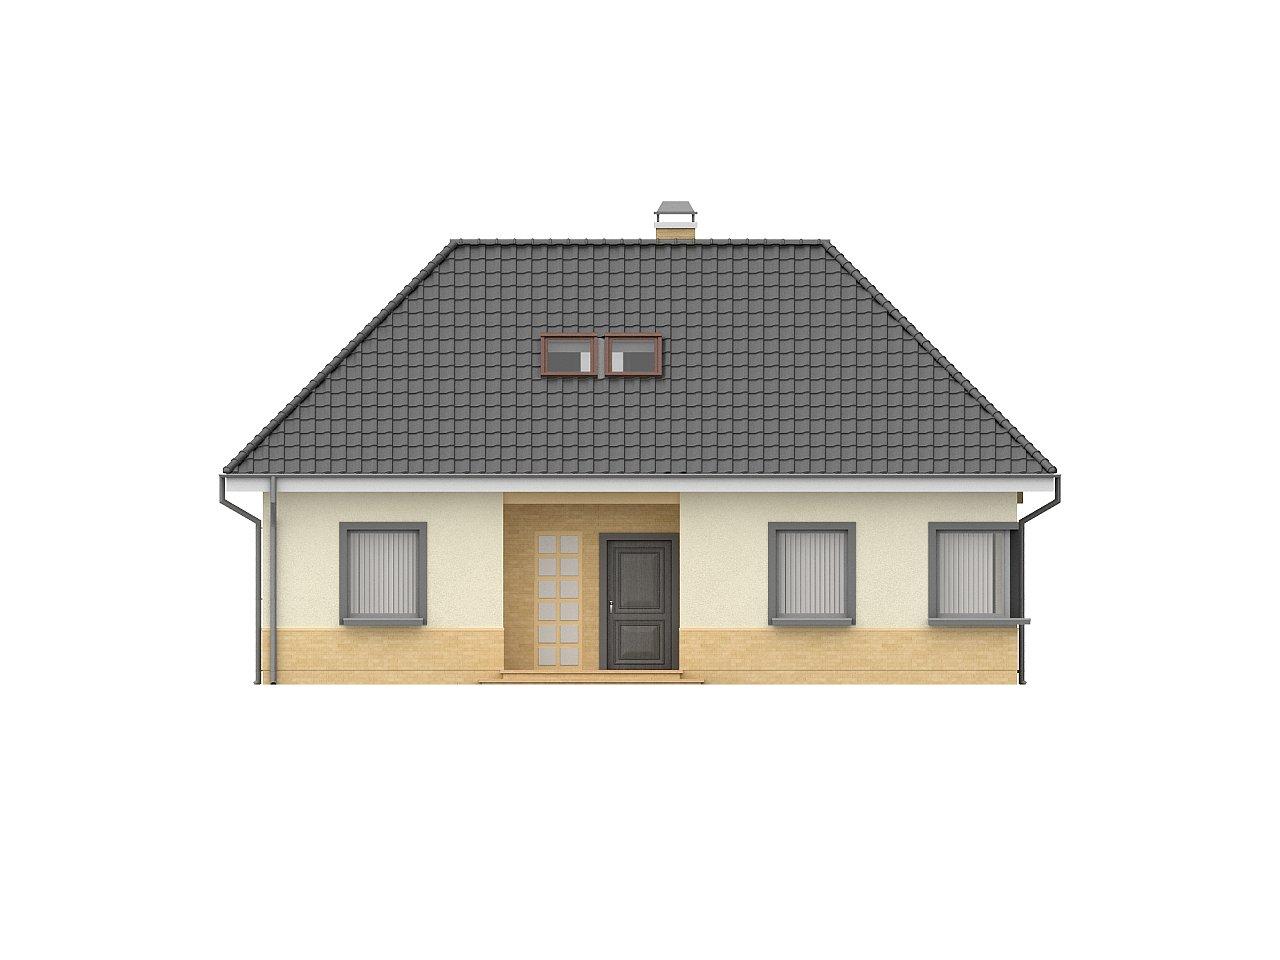 Традиционный дом с мансардой, с большим углом наклона крыши. - фото 3